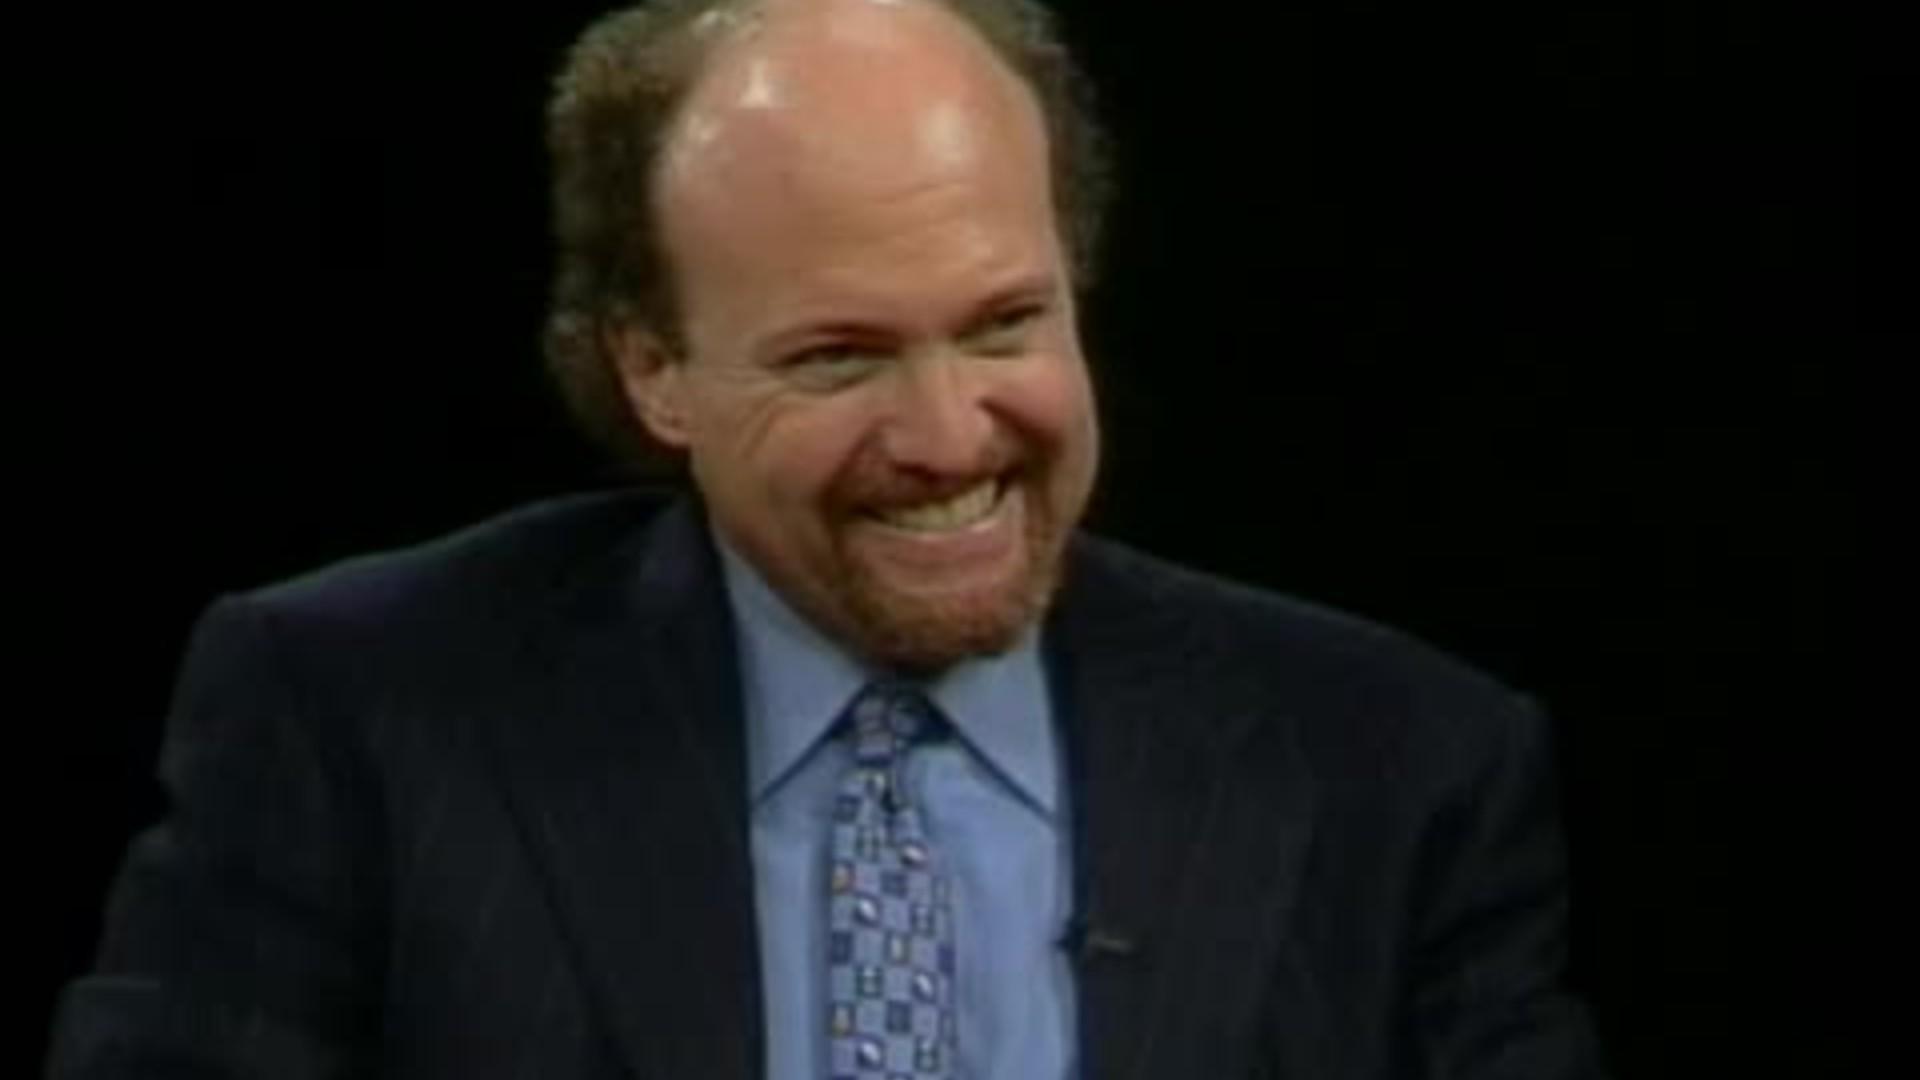 Jim Cramer — Charlie Rose